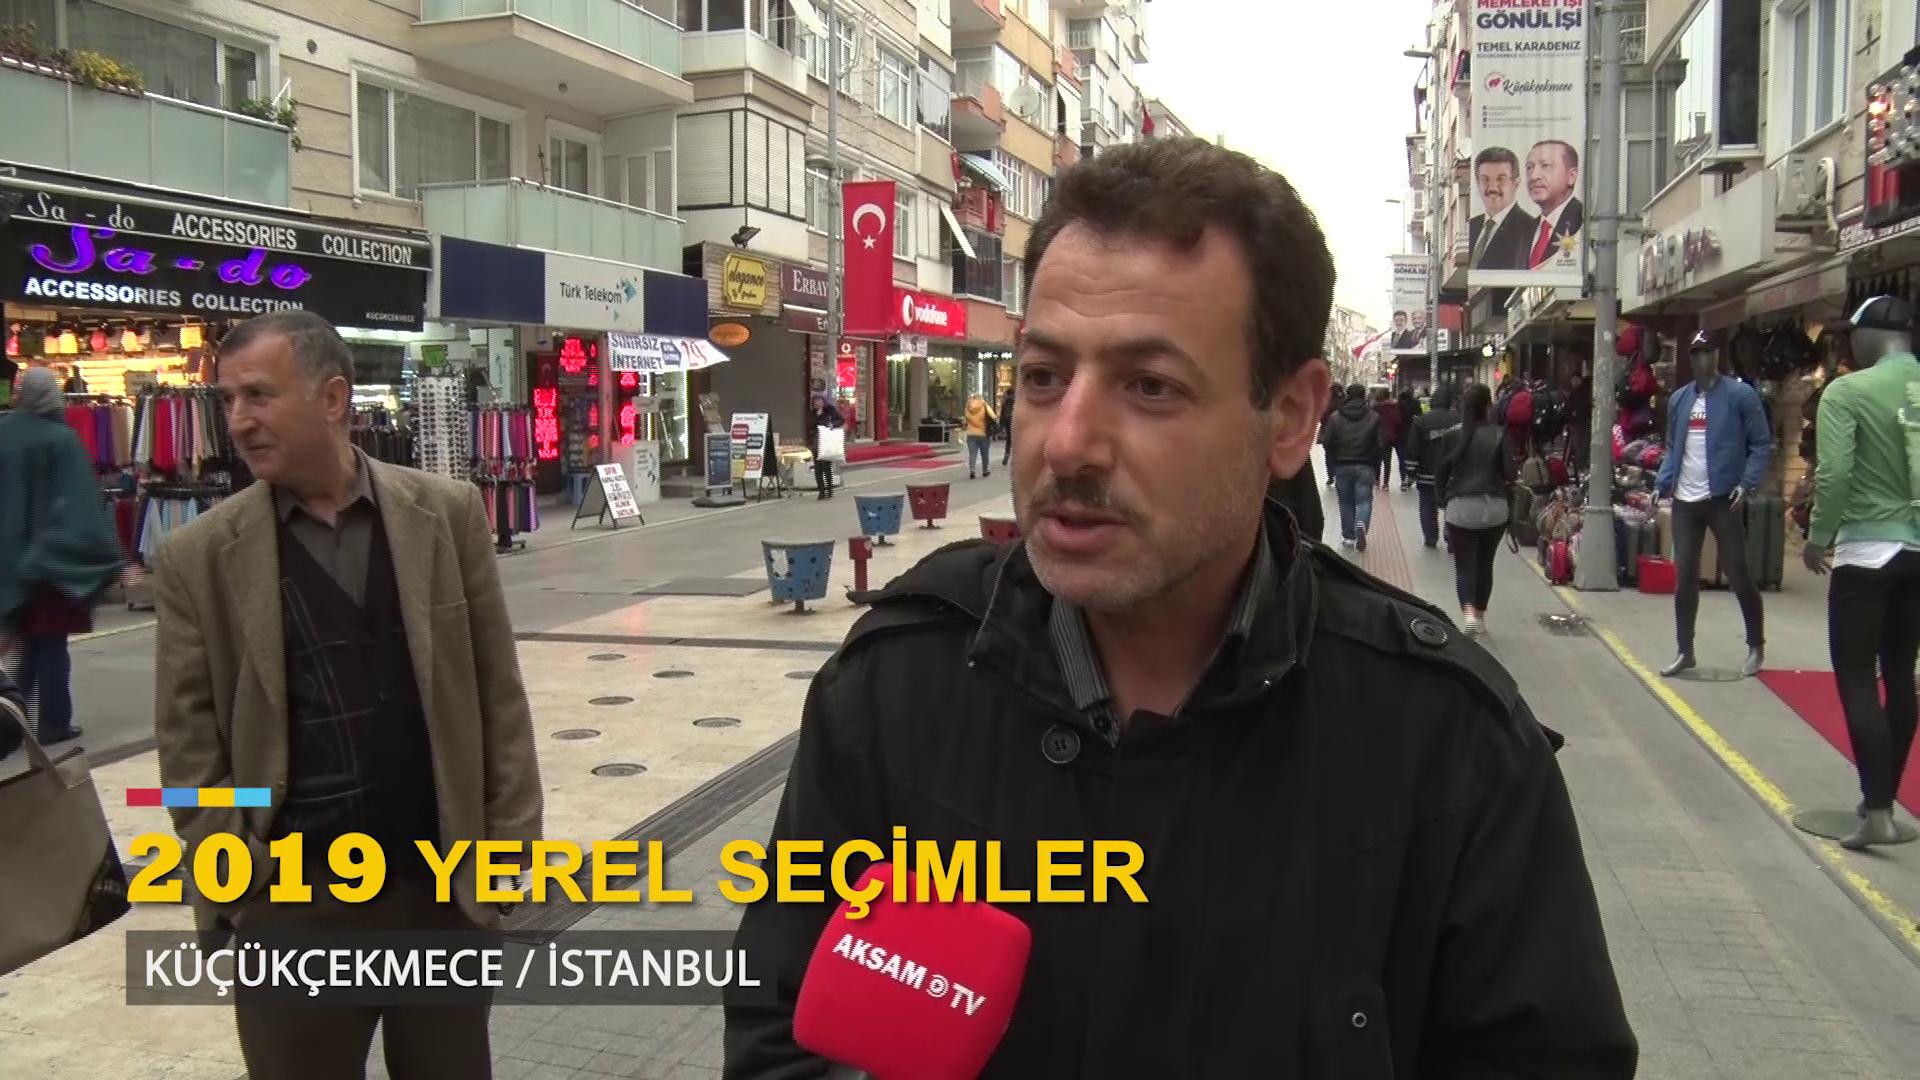 Akşam TV Yerel Seçim Öncesi Küçükçekmece'de Halkın Nabzını Tuttu